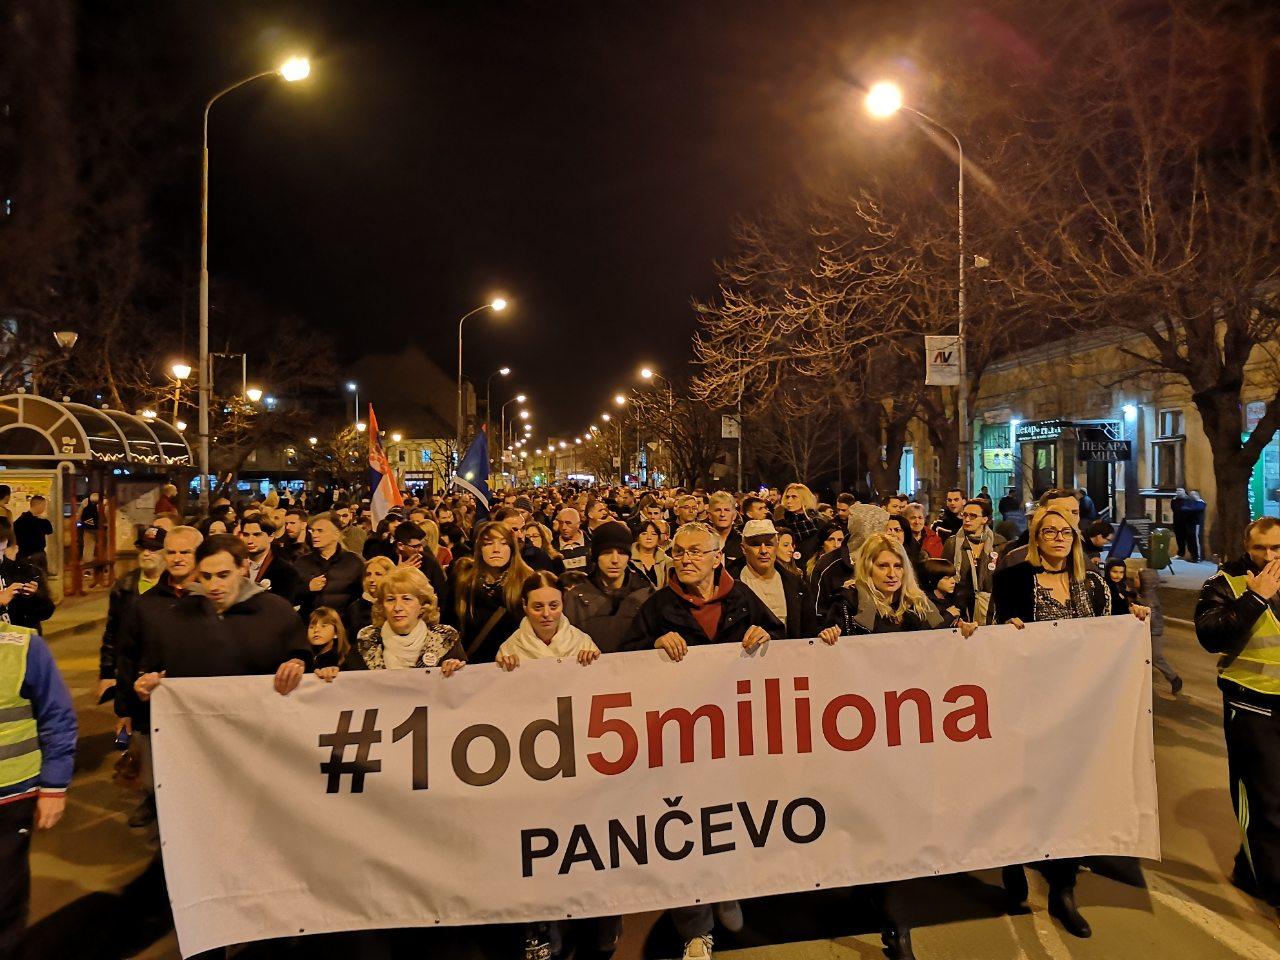 Protesti 1 od 5 miliona u više gradova (VIDEO, FOTO) 18